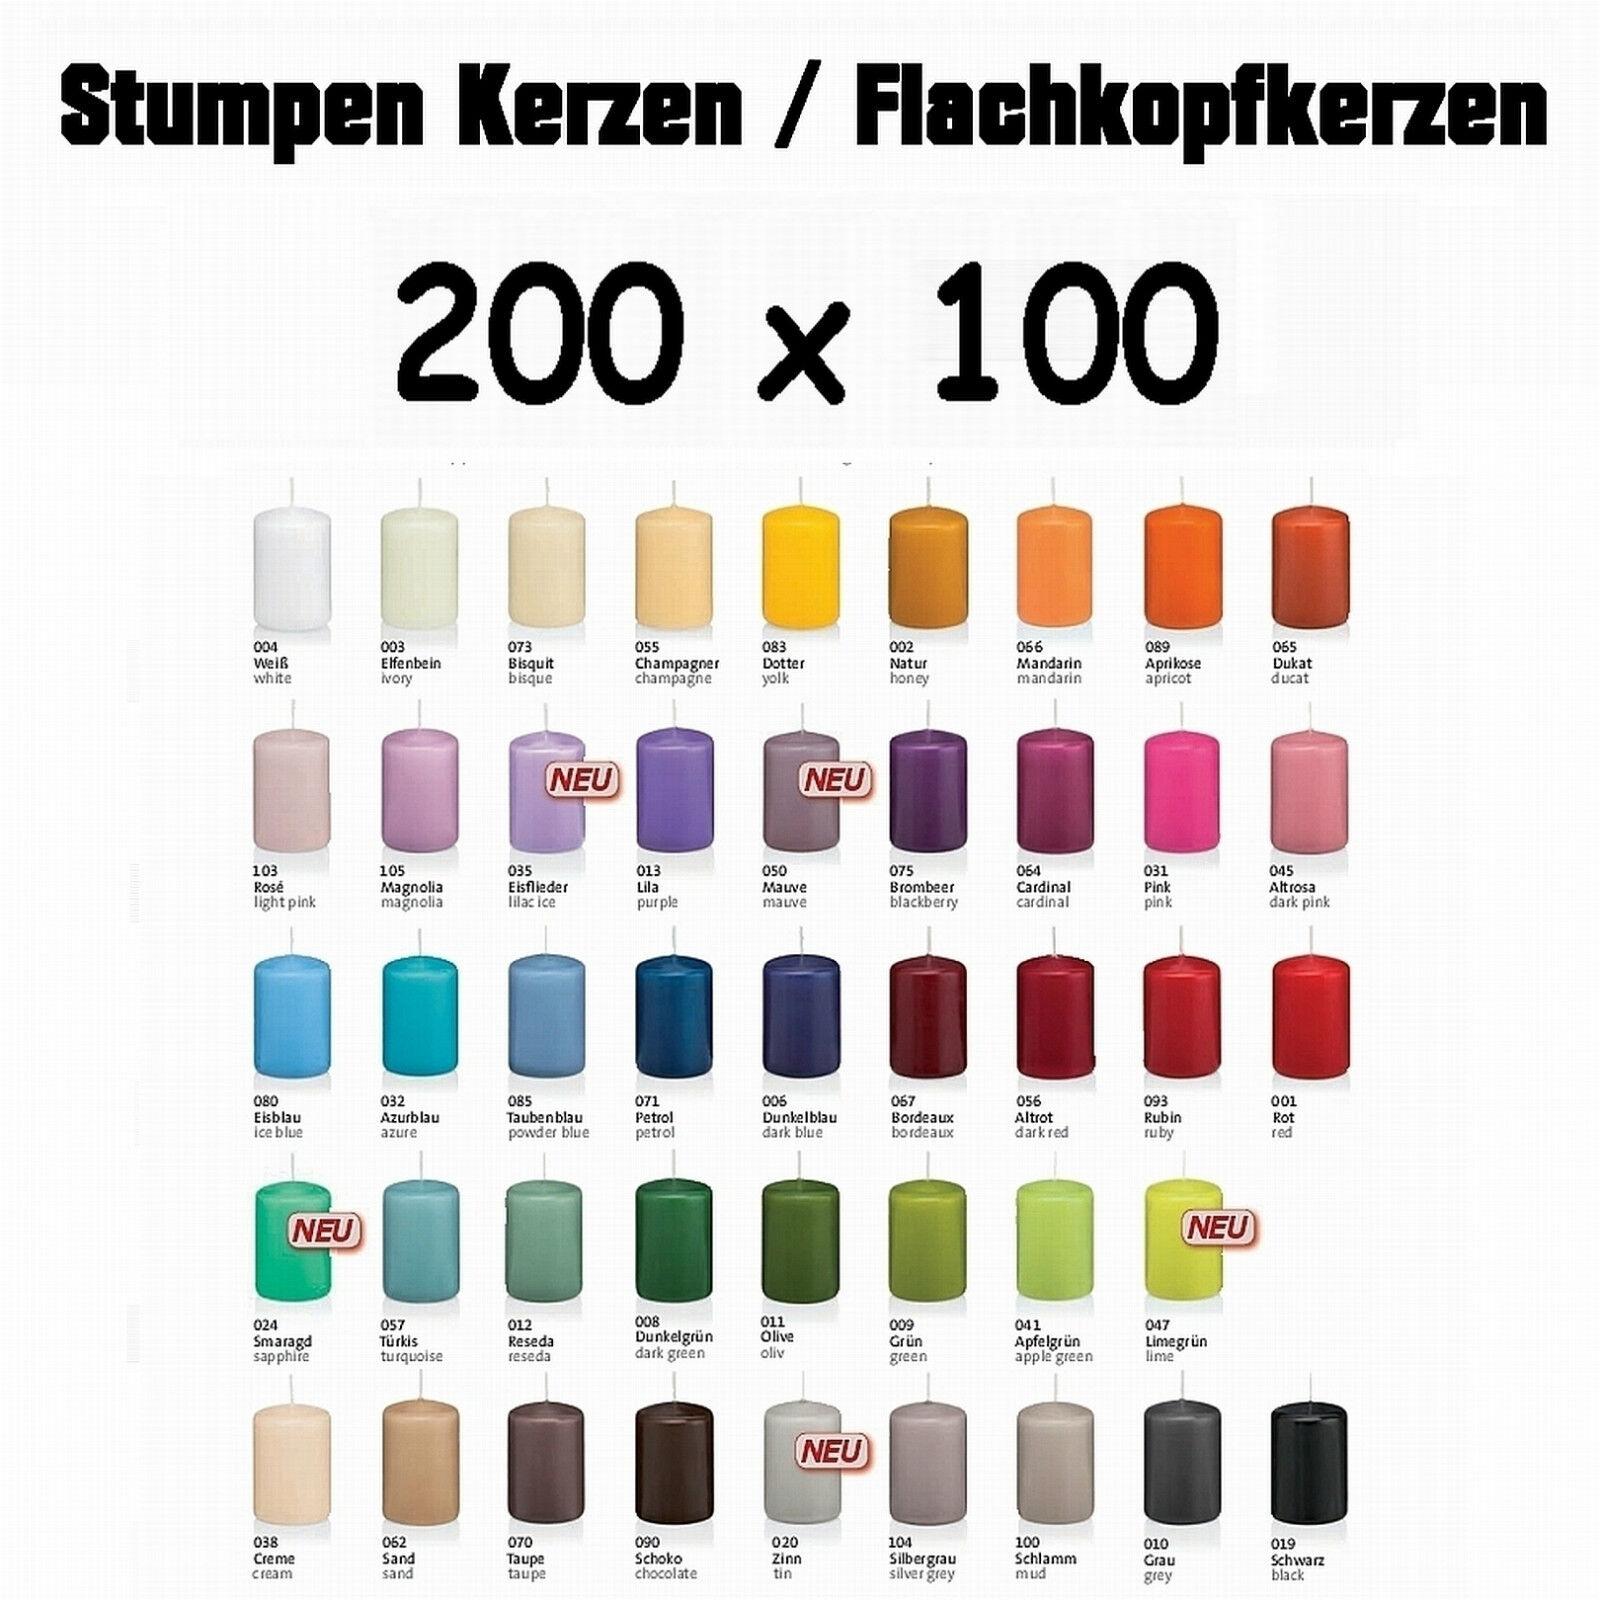 6x Kerze 20x10cm RAL Qualität   Stumpen von Kerzen Wiedemann   neue Farben 2017